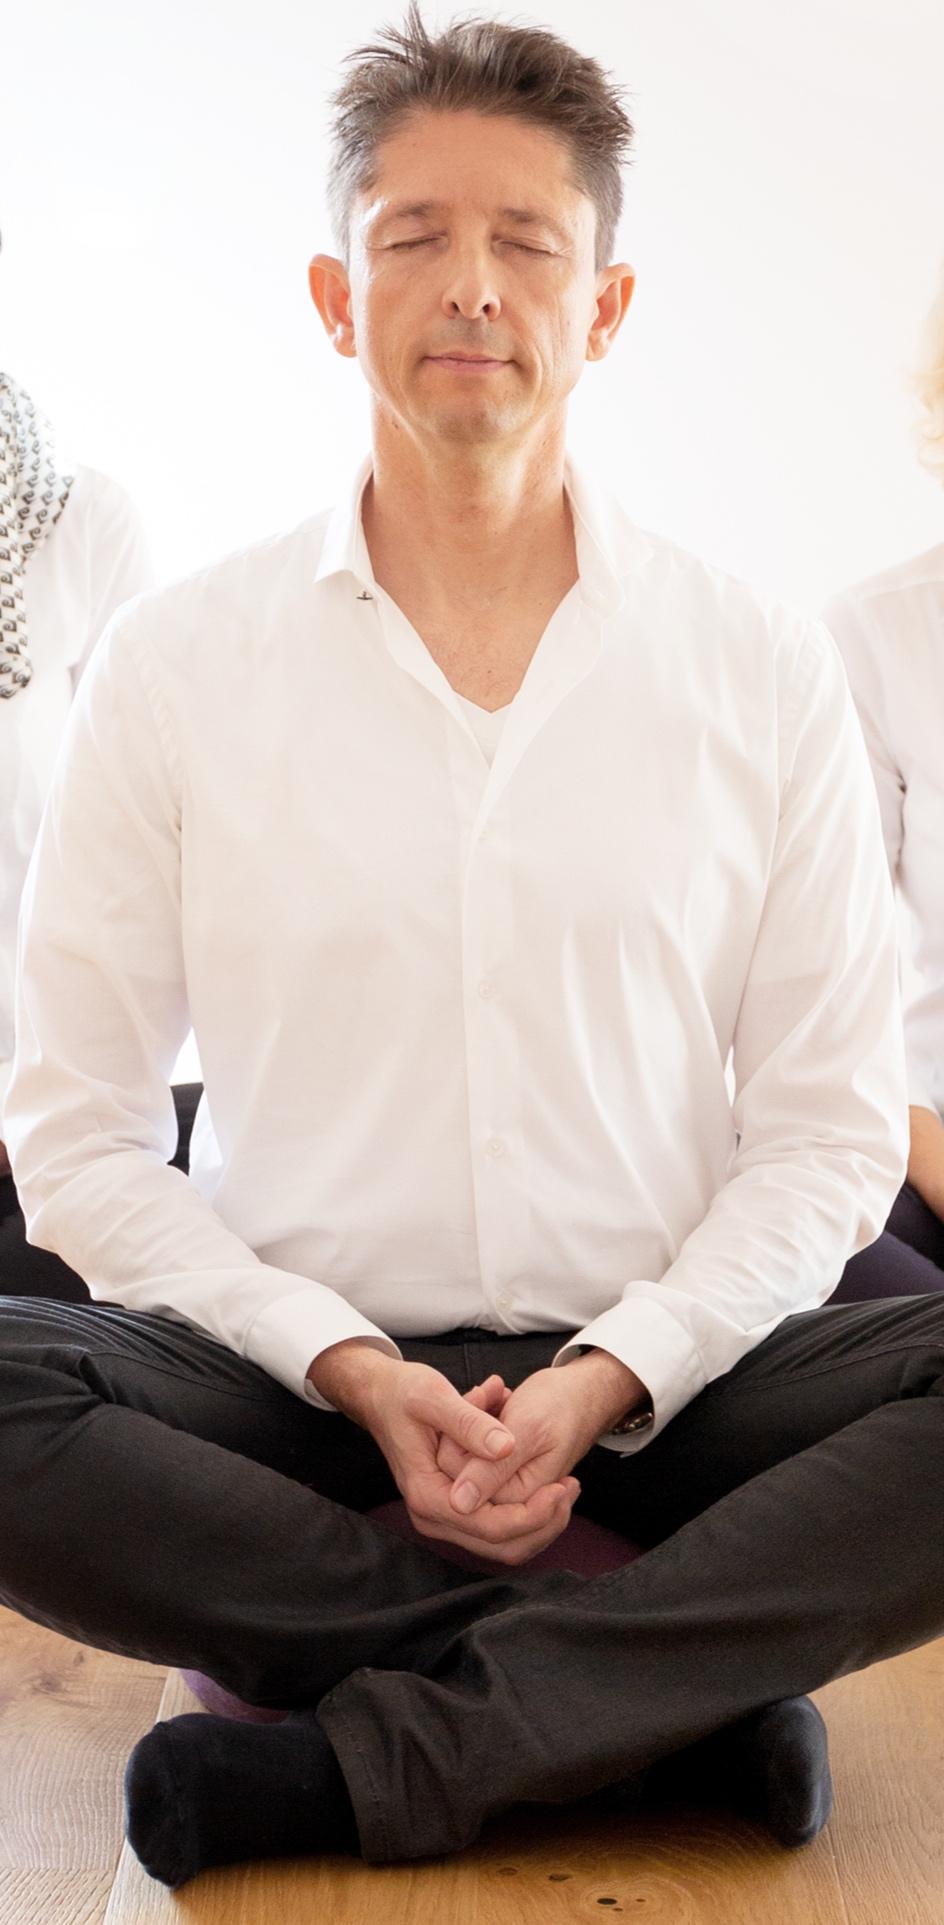 P.A. Straubinger - Meditationstrainer mit zwei Jahrzehnten Erfahrung